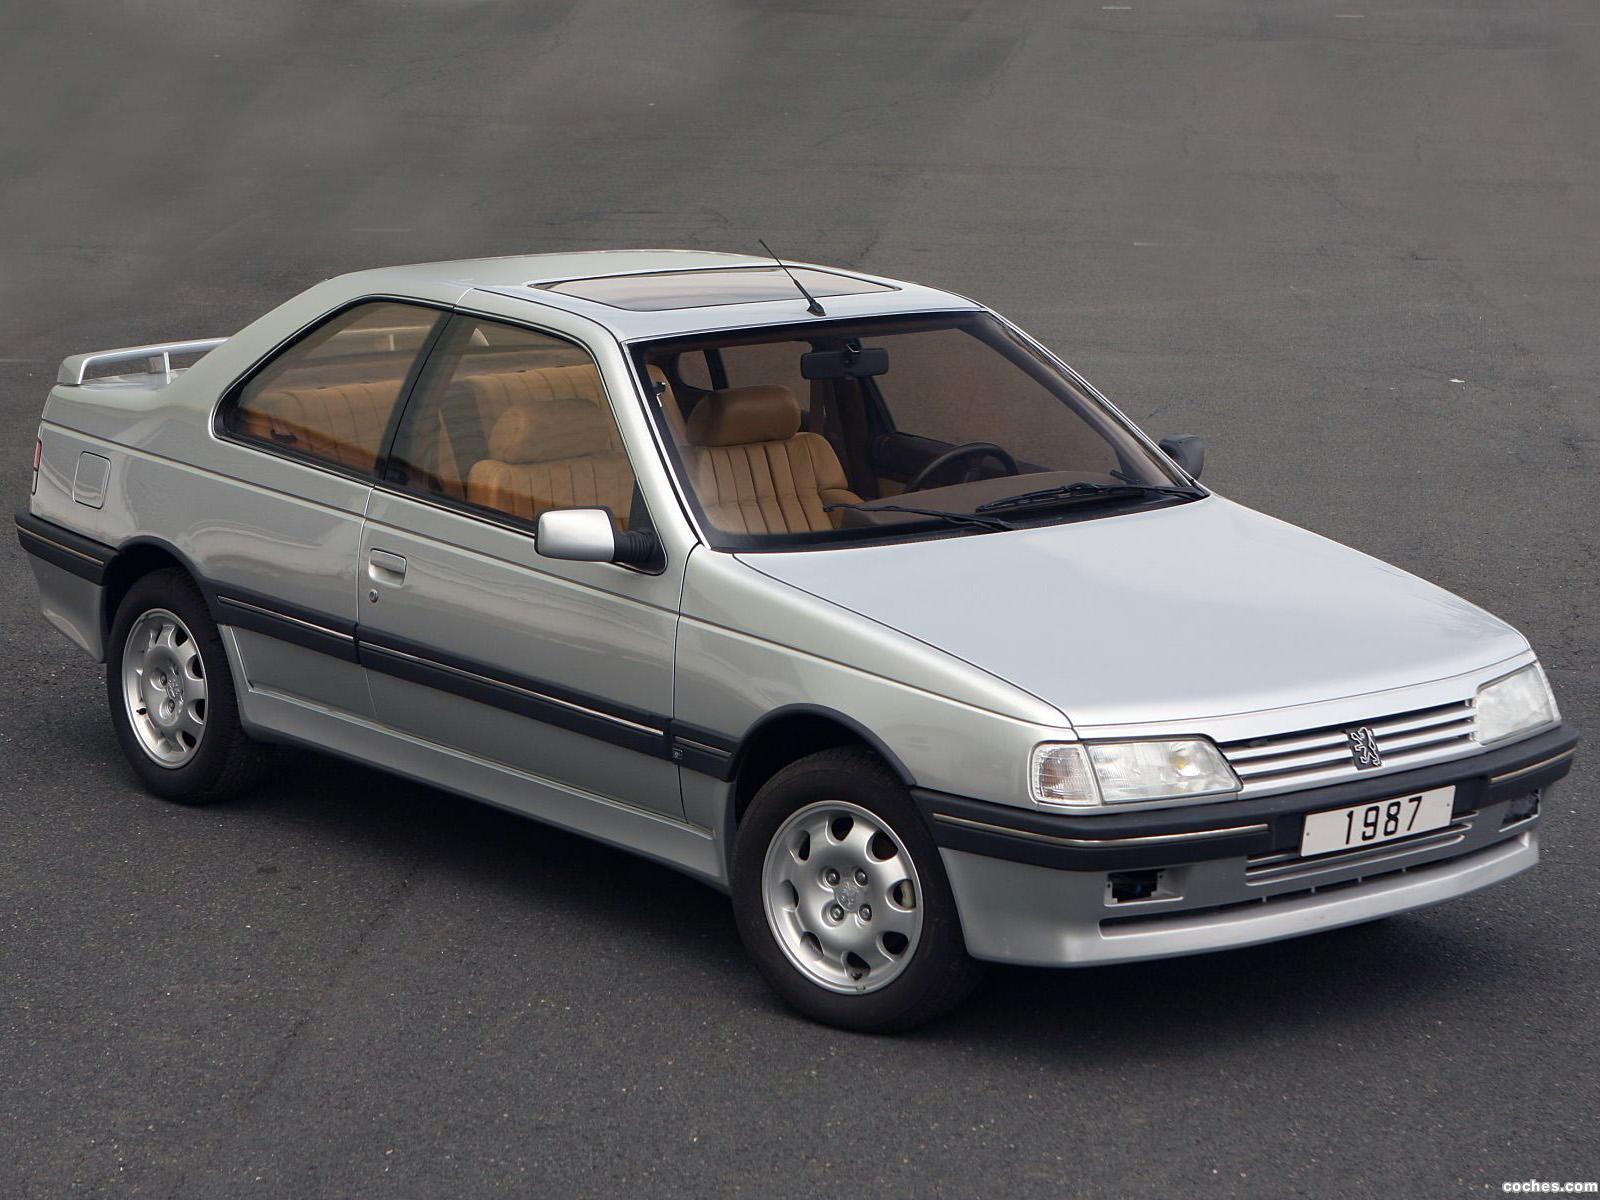 Foto 0 de Peugeot Heuliez 405 Coupe Concept 1988